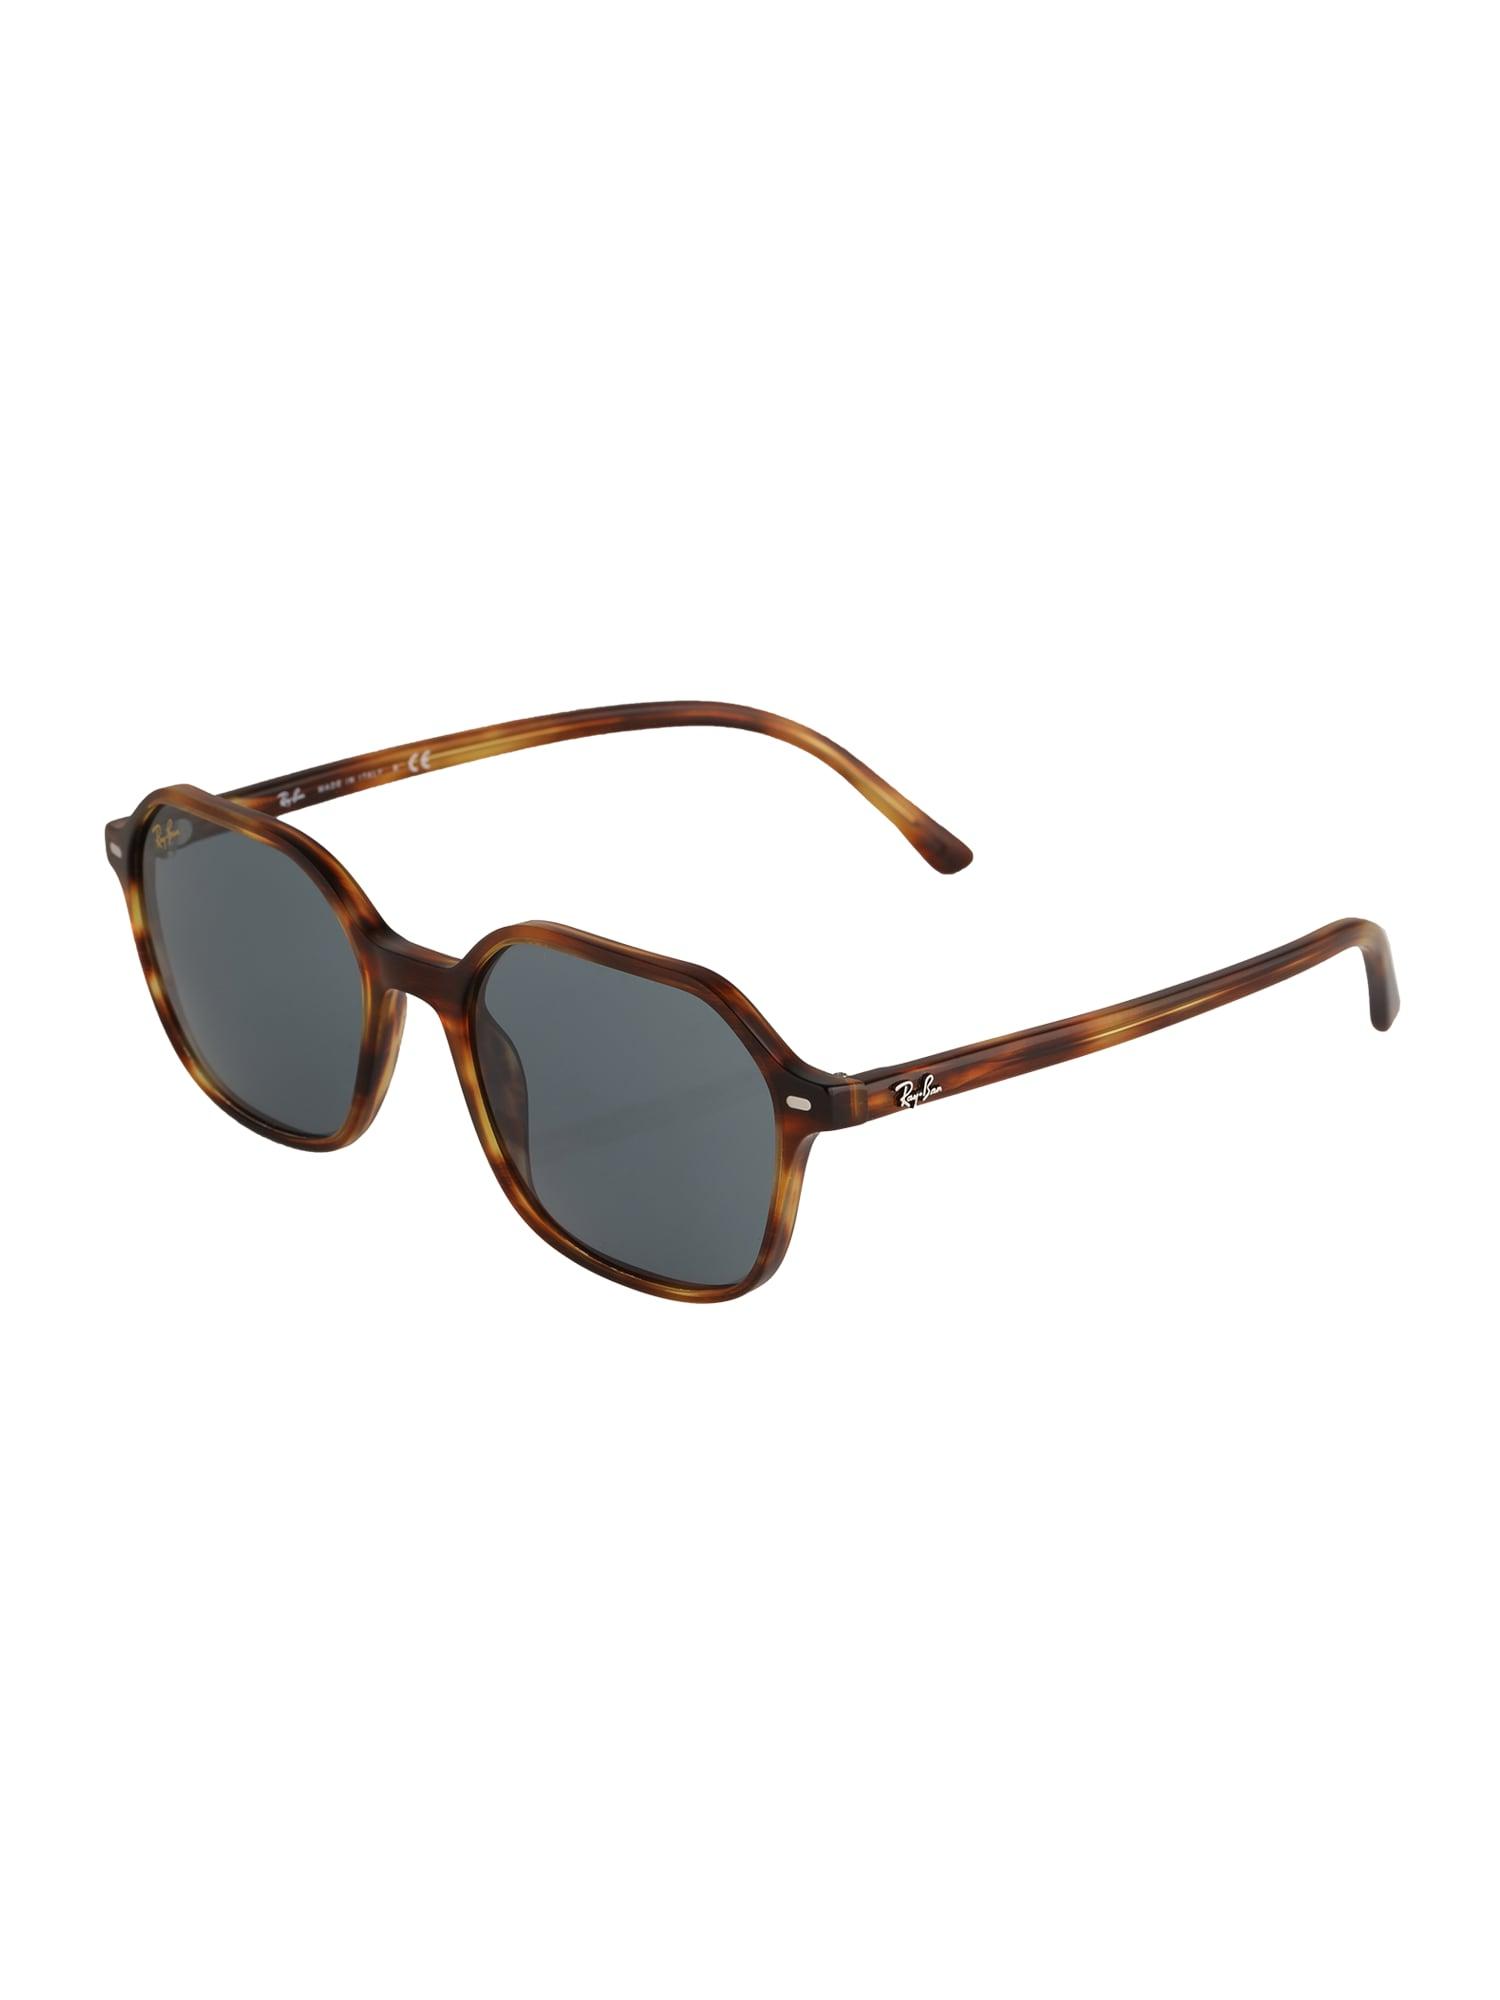 ray-ban occhiali da sole 'john' marrone